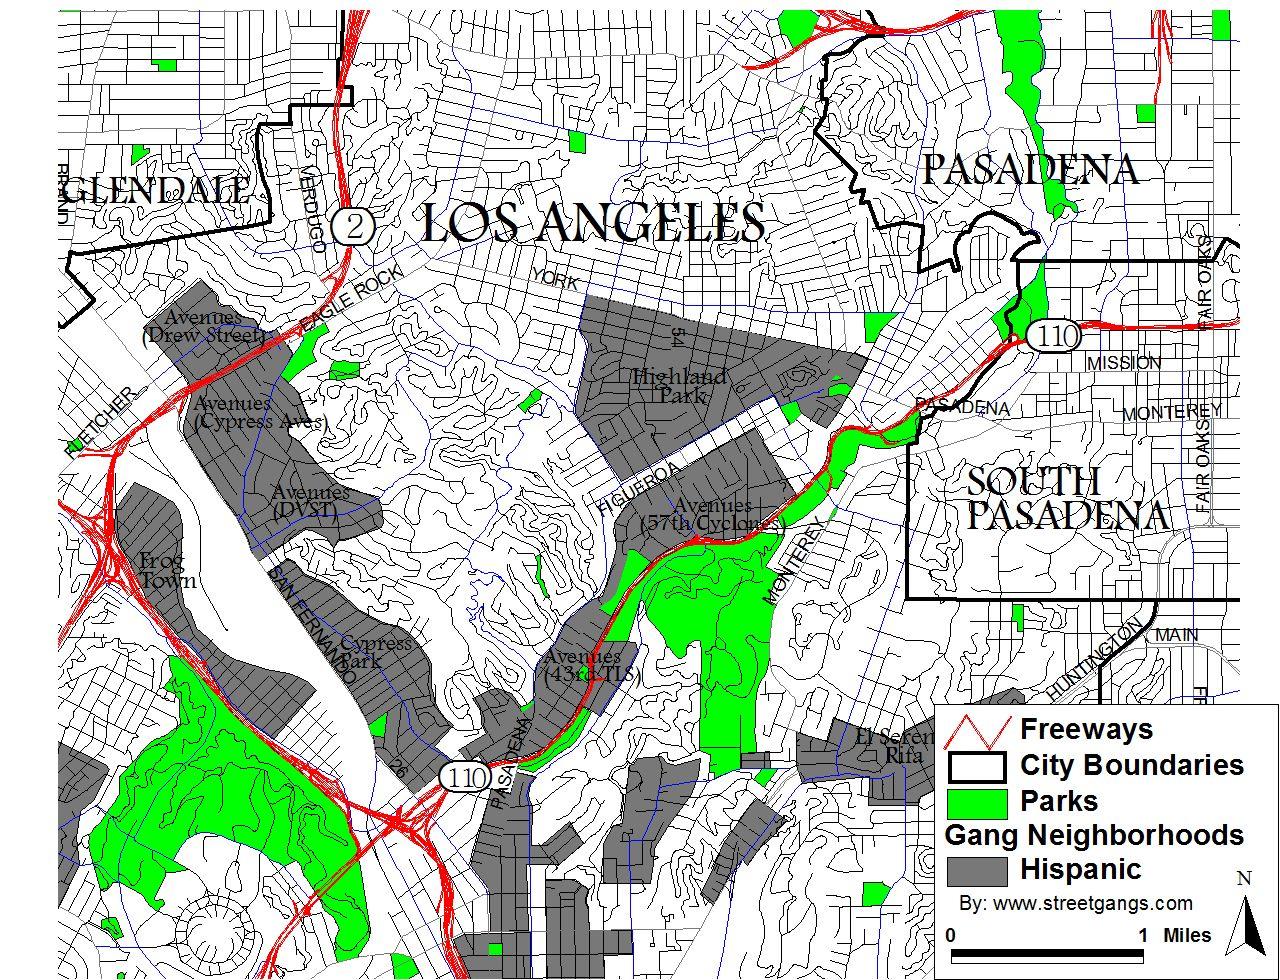 https://i2.wp.com/www.streetgangs.com/wp-content/uploads/2011/02/avenues_gang_area1.jpg